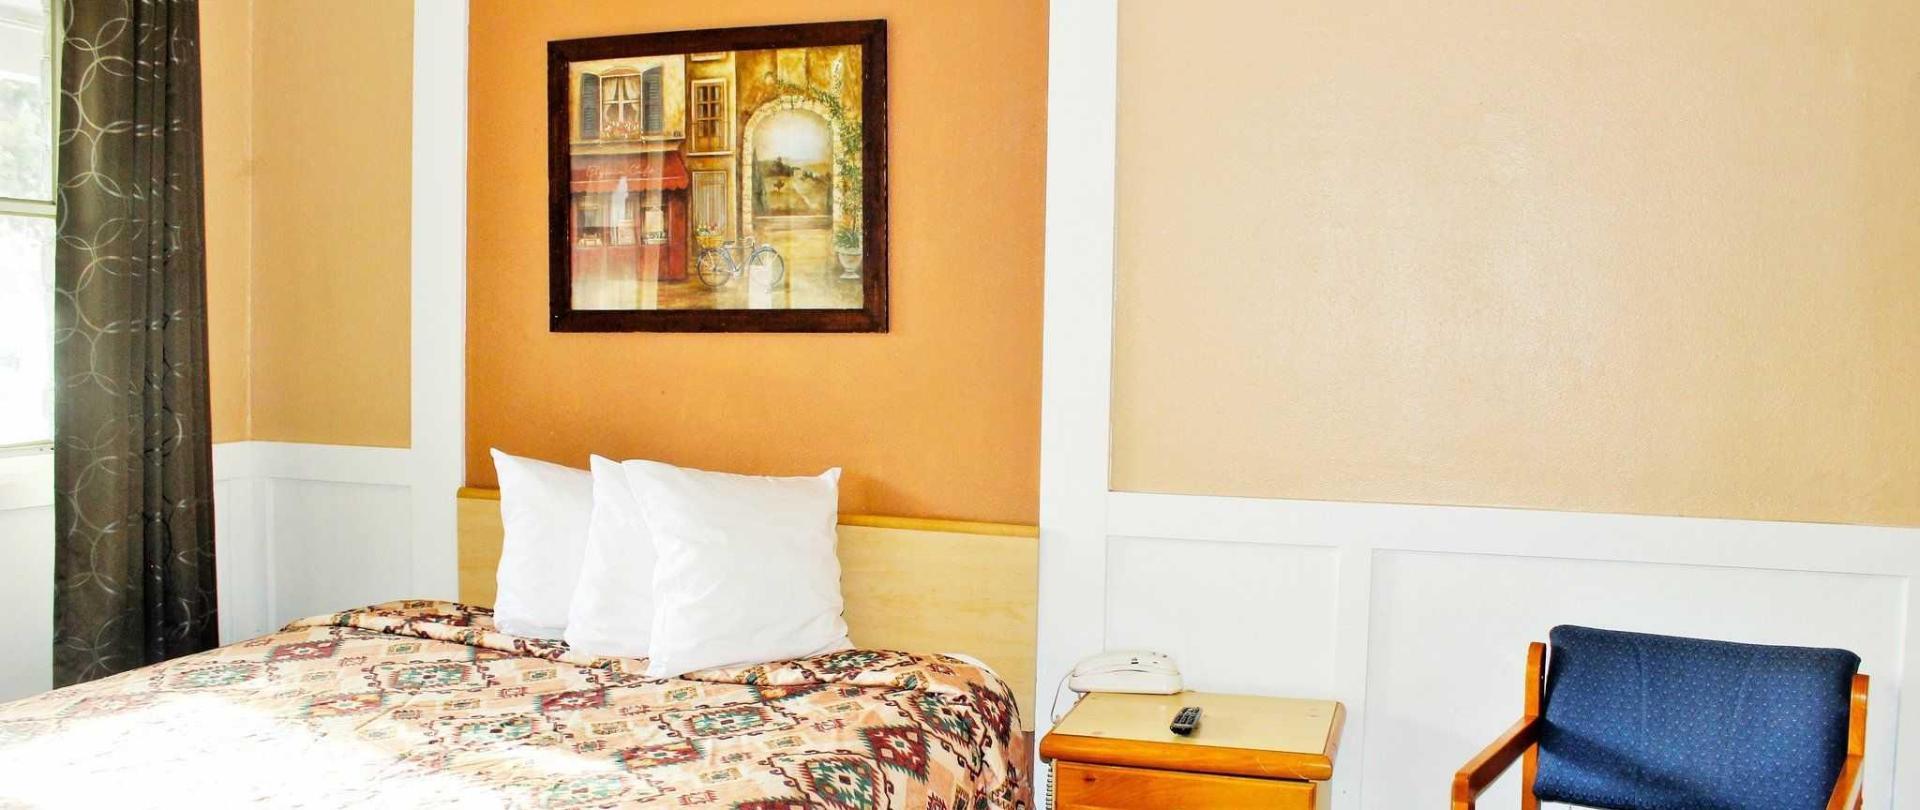 room-208-single-queen.JPG